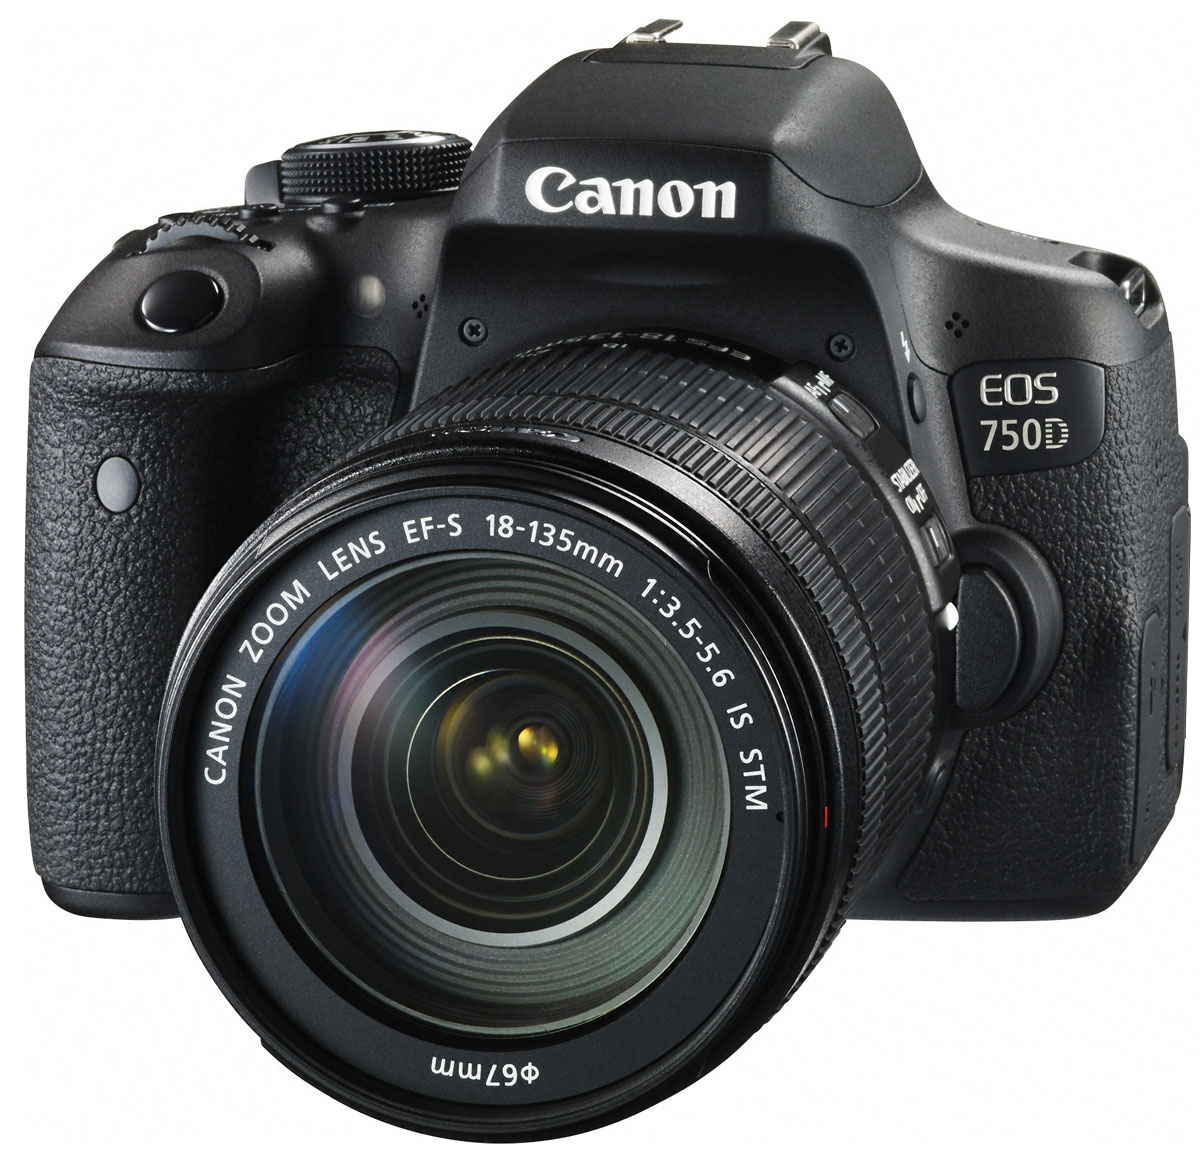 Canon EOS 750D Kit 18-135 IS STM, Black цифровая зеркальная фотокамера0592C009Достигайте новых уровней мастерства в фотосъемке с зеркальной фотокамерой Canon EOS 750D.Простая съемка мельчайших деталей в любой ситуацииСнимайте яркие и детализированные изображения в высоком разрешении с расширенным динамическим диапазоном, пониженным уровнем шума и превосходным контролем глубины резкости благодаря 24,2-мегапиксельному датчику APS-C.Удобный видоискательEOS 750D оснащена интеллектуальным видоискателем, который обеспечивает улучшенные возможности съемки. Глядя в видоискатель, легче видеть точку фокусировки и любые активные области автофокусировки. Кроме того, четко отображается информация о съемке.Различные режимы съемкиС легкостью снимайте великолепные фотографии благодаря последним технологиям цифровых зеркальных камер с базовыми и творческими режимами, которые позволят вам самостоятельно выбирать уровень контроля над параметрами съемки.Поворотный экран для творческого выстраивания композицииИсследуйте интересные ракурсы и наслаждайтесь удобными и интуитивными элементами управления на трехдюймовом (7,7 см) сенсорном ЖК-экране с регулируемым углом наклонаБыстрый процессор для съемки в движенииМощный процессор DIGIC 6 обеспечивает съемку в полном разрешении на скорости 5 кадров/сек. — и вы никогда не упустите решающий момент. Делайте памятные снимки при слабом освещении без вспышки с помощью широкого диапазона чувствительности ISO 100–12800 (с возможностью увеличения до ISO 25600).Снимайте видео Full HD с высочайшей детализацией и кинематографическим качеством благодаря управлению глубиной резкости в цифровых зеркальных камерах. Записывайте видео в формате MP4 для удобной отправки на другие устройства.С поддержкой стандартов Wi-Fi и NFC вы можете быстро подключаться и отправлять фотографии и видео на совместимые смартфоны, планшеты или принтеры, а также публиковать их в социальных сетях.